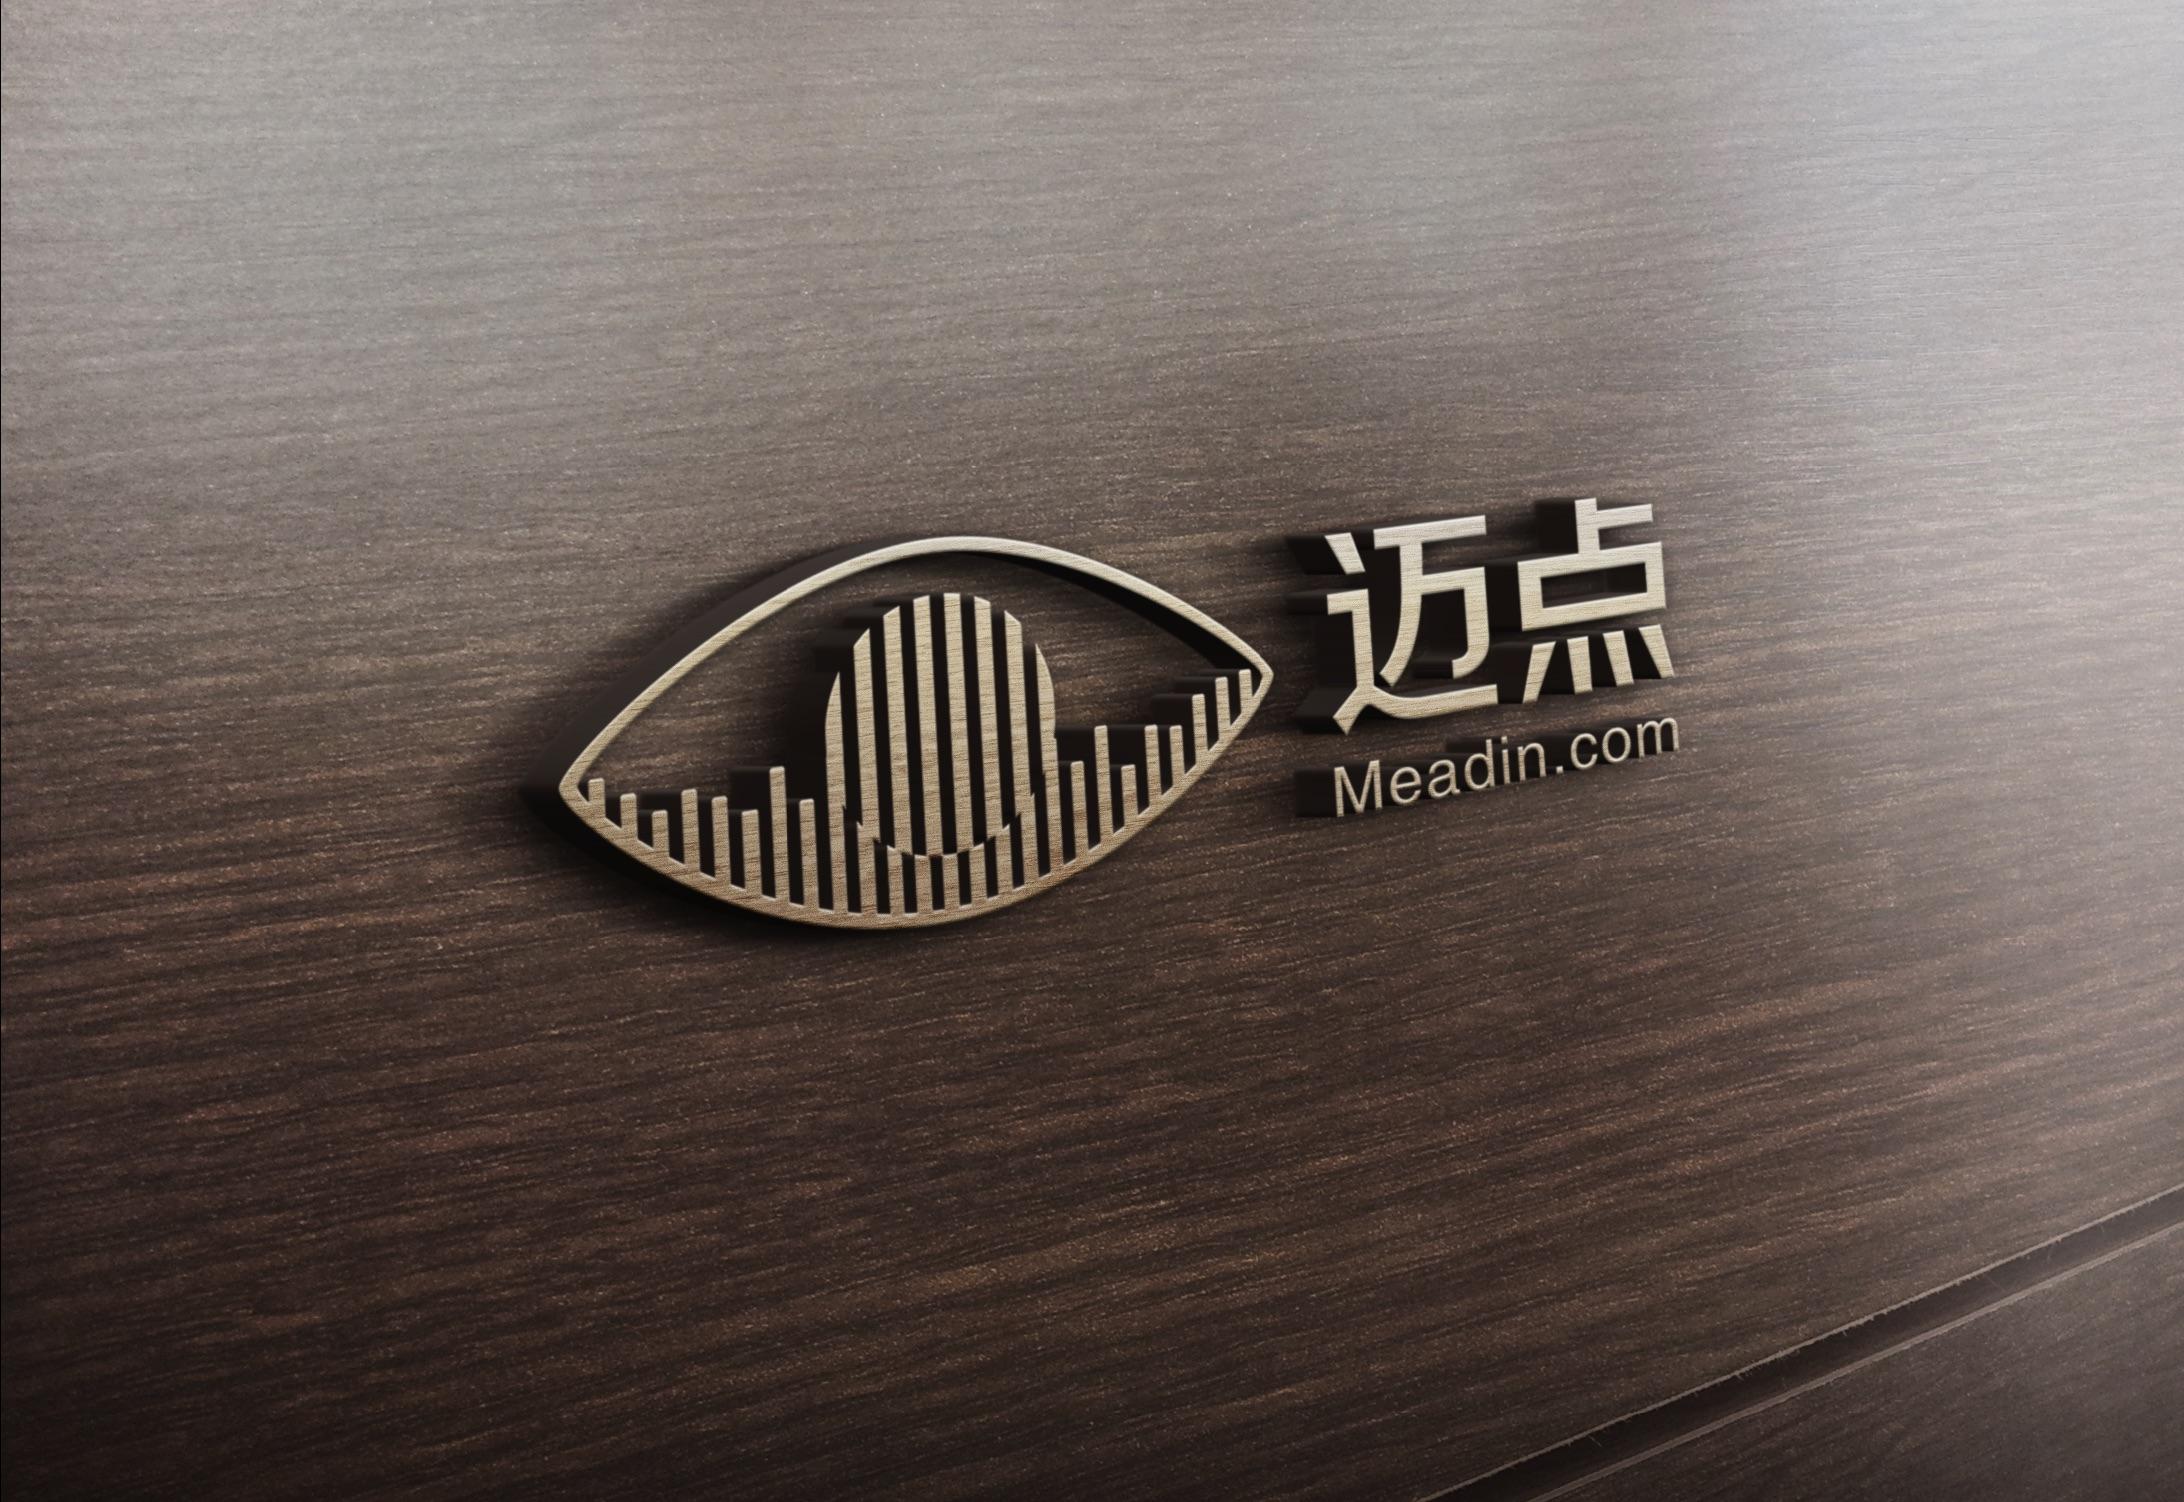 迈点网品牌形象升级-互联网品牌设计-杭州达岸品牌策划设计公司.企业微信截图